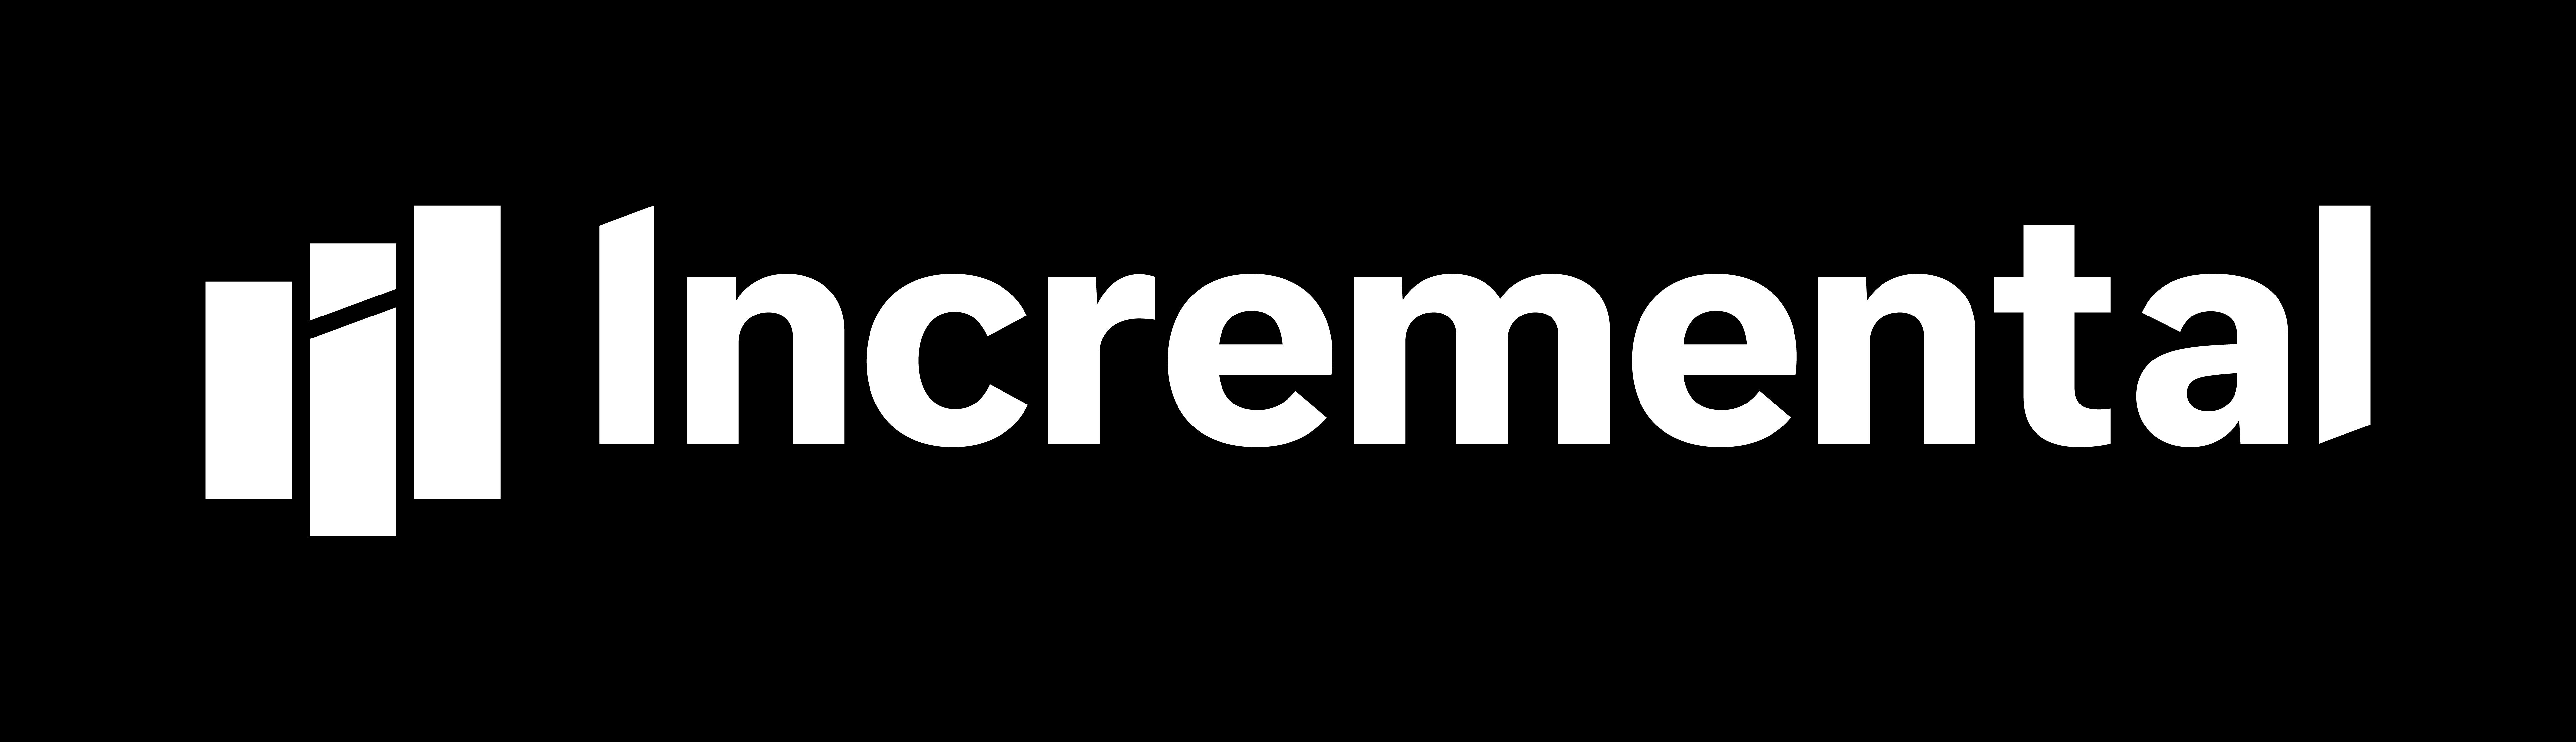 Incremental logo